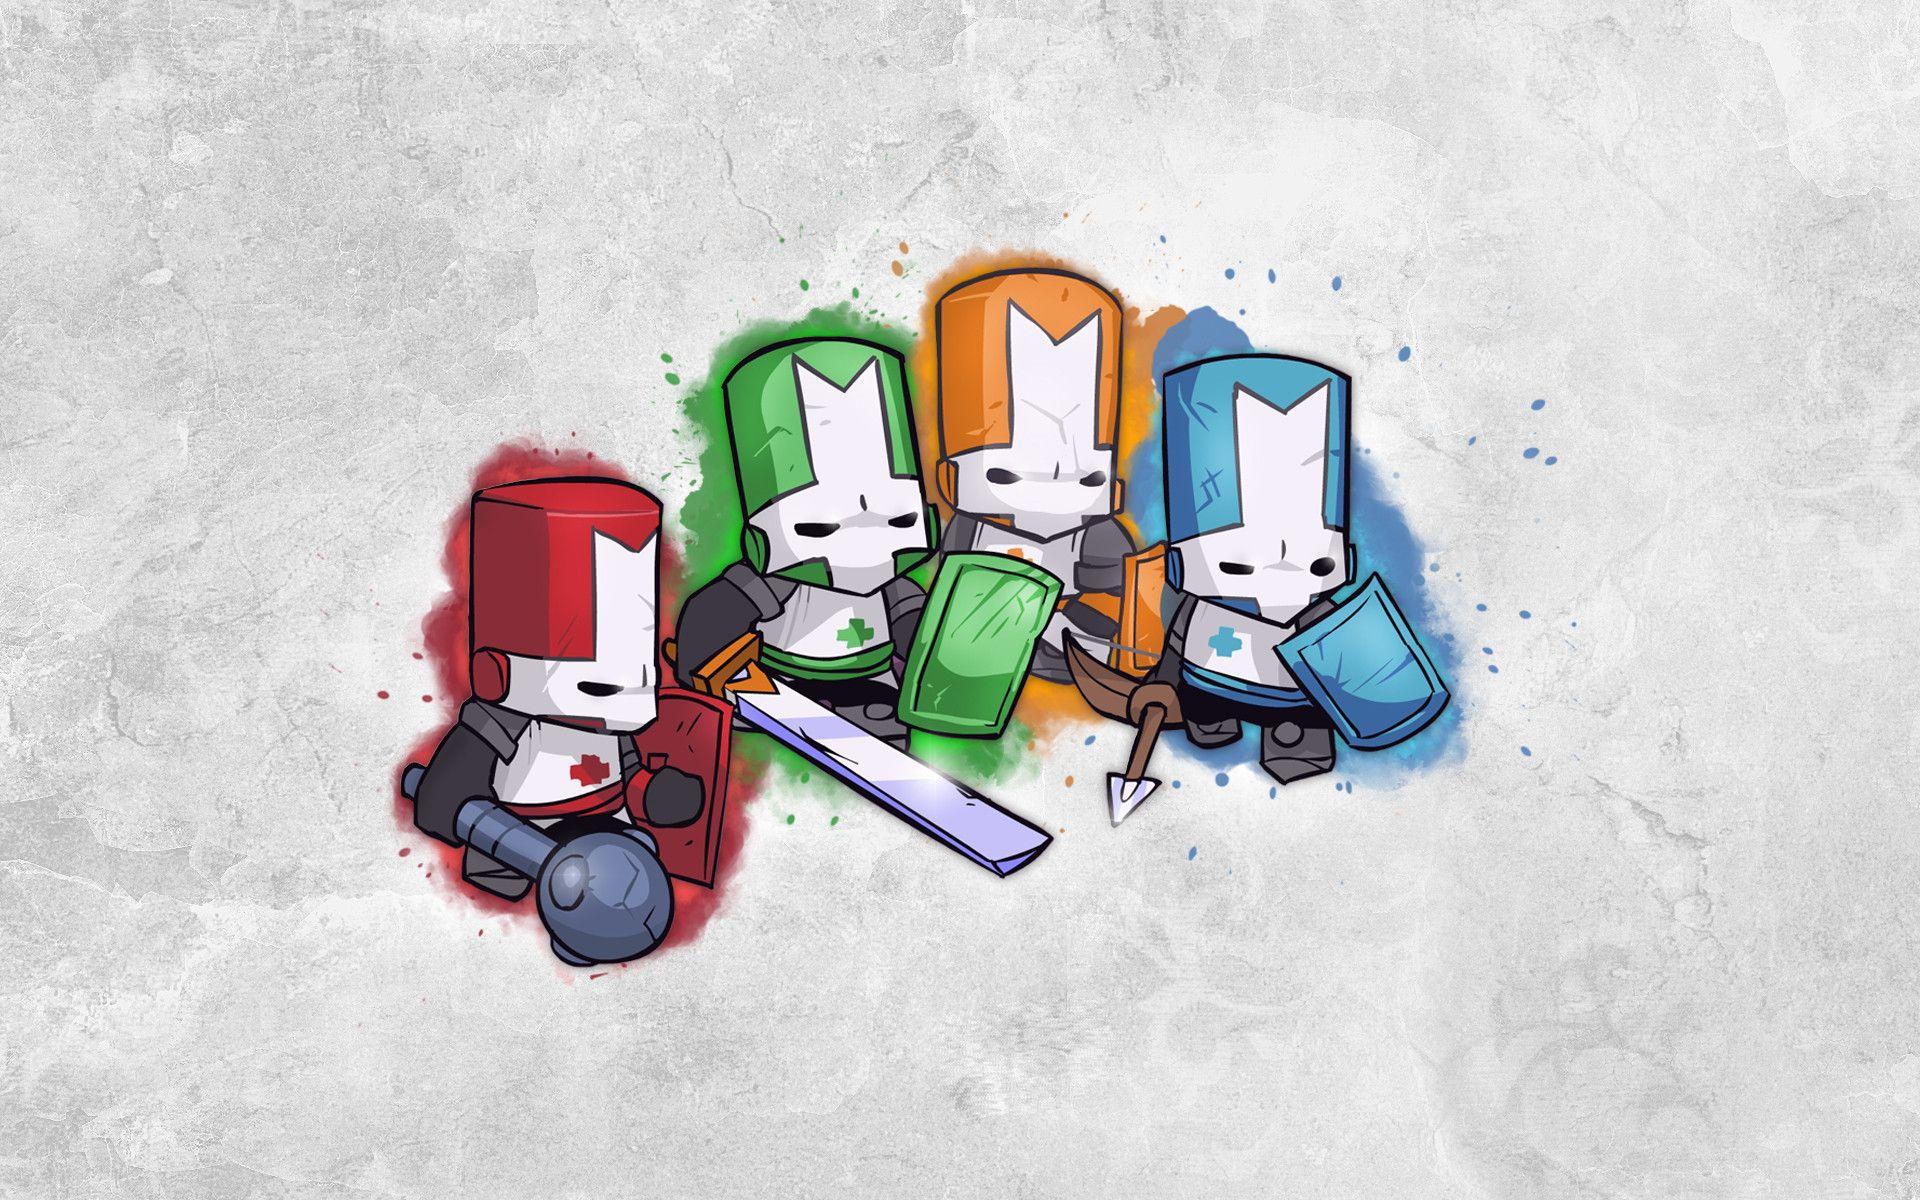 Castle Crashers Wallpaper Mejores Fondos De Pantalla De Videojuegos Dibujos Juegos Multijugador